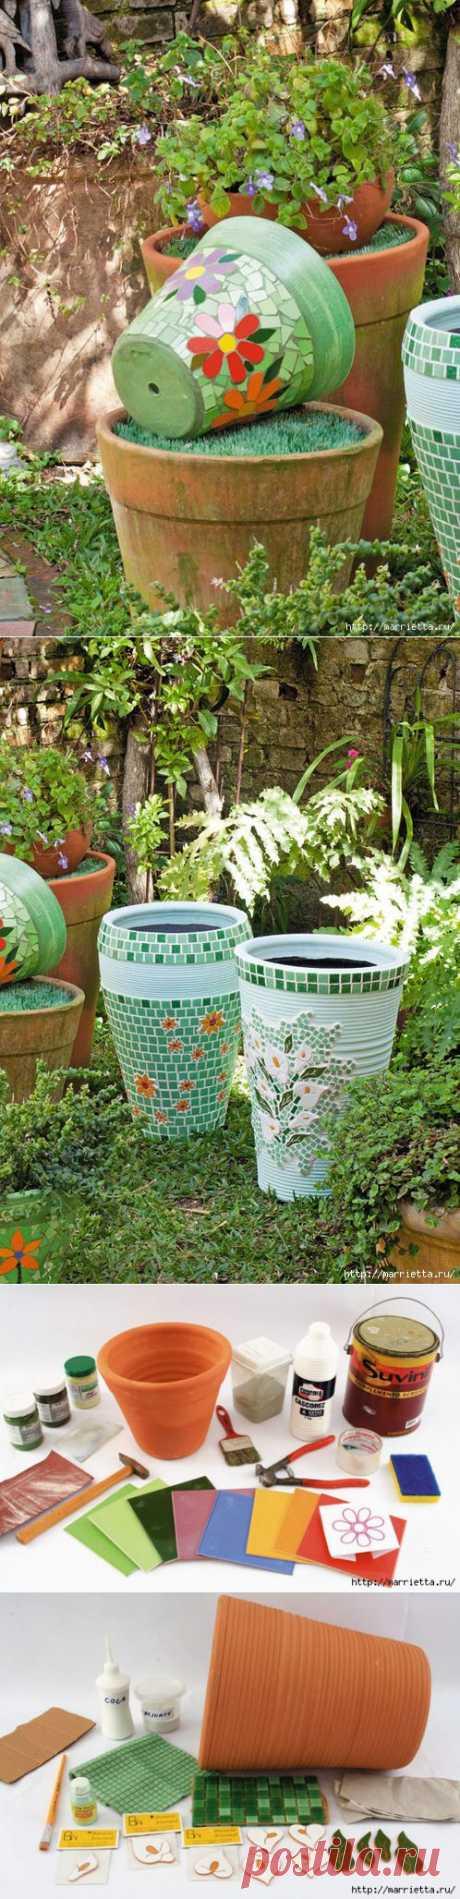 украшаем цветочные горшки мозаикой из кафеля.отличная идея.     :)